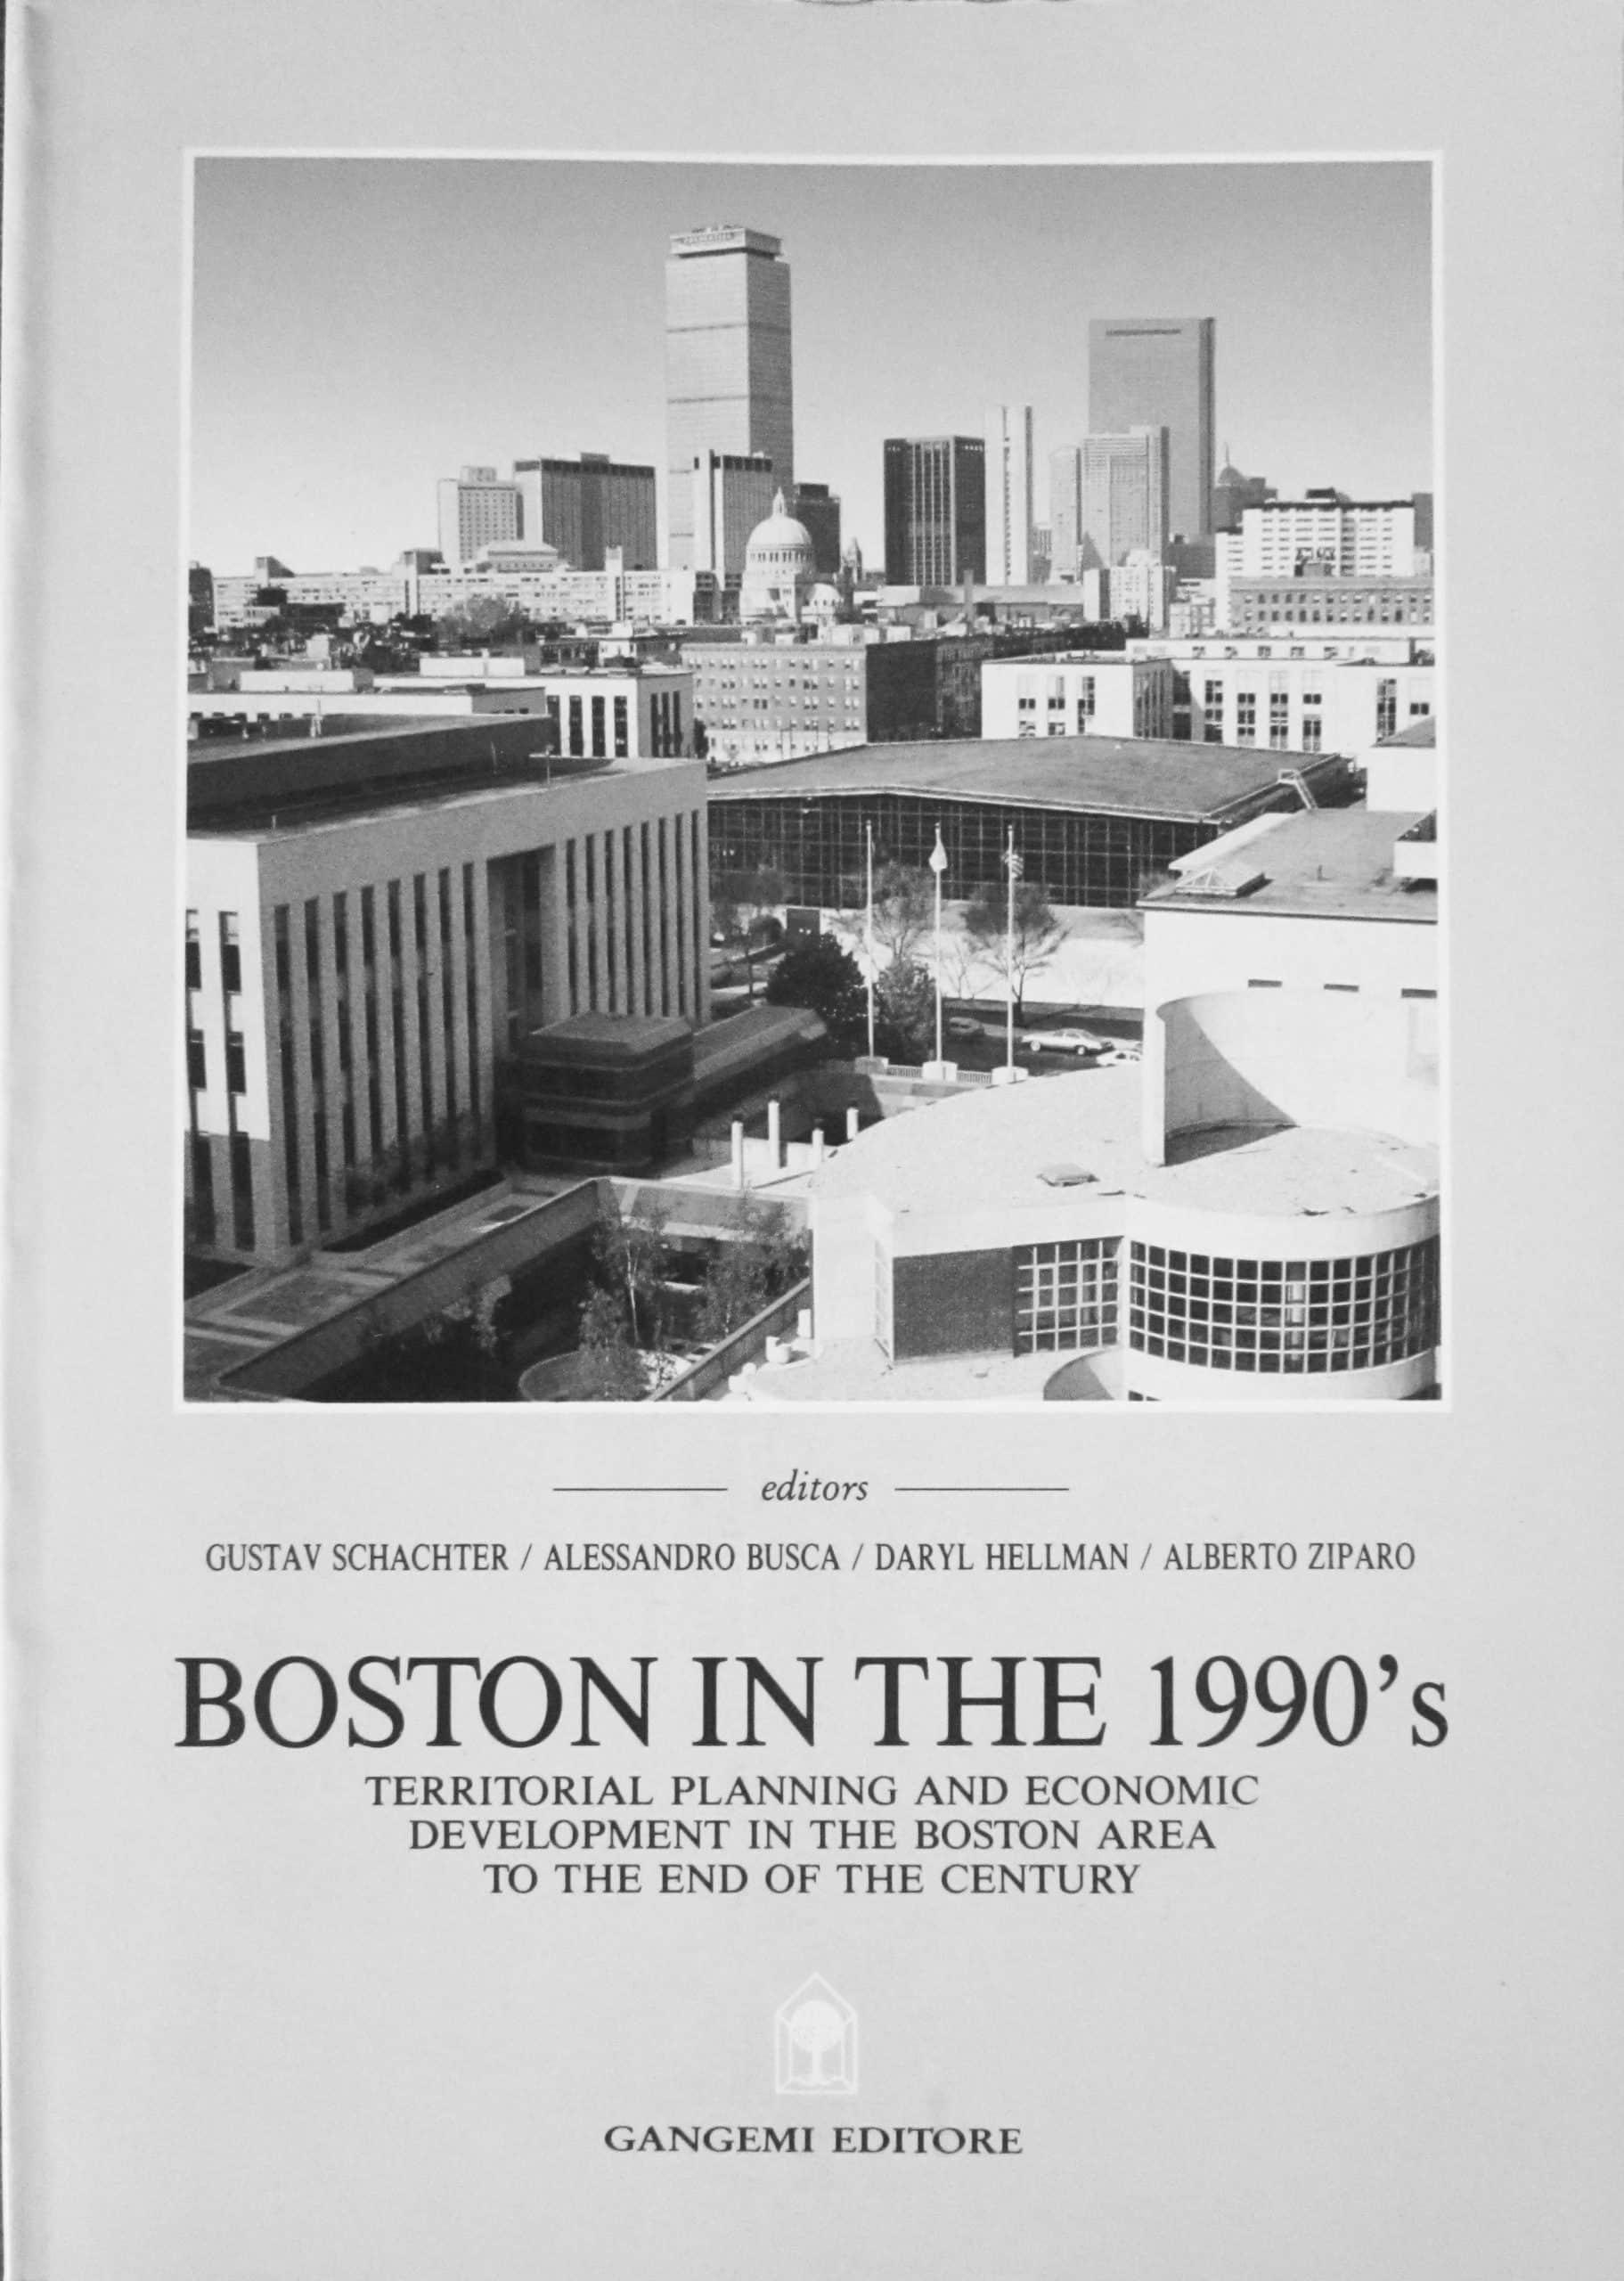 11 - Boston in the 1990's. Territorial Planning and Economic Development in the Boston Area, Gangemi Editore, Roma 1994; con D. Hellman, G. Schachter e A. Ziparo - Copertina